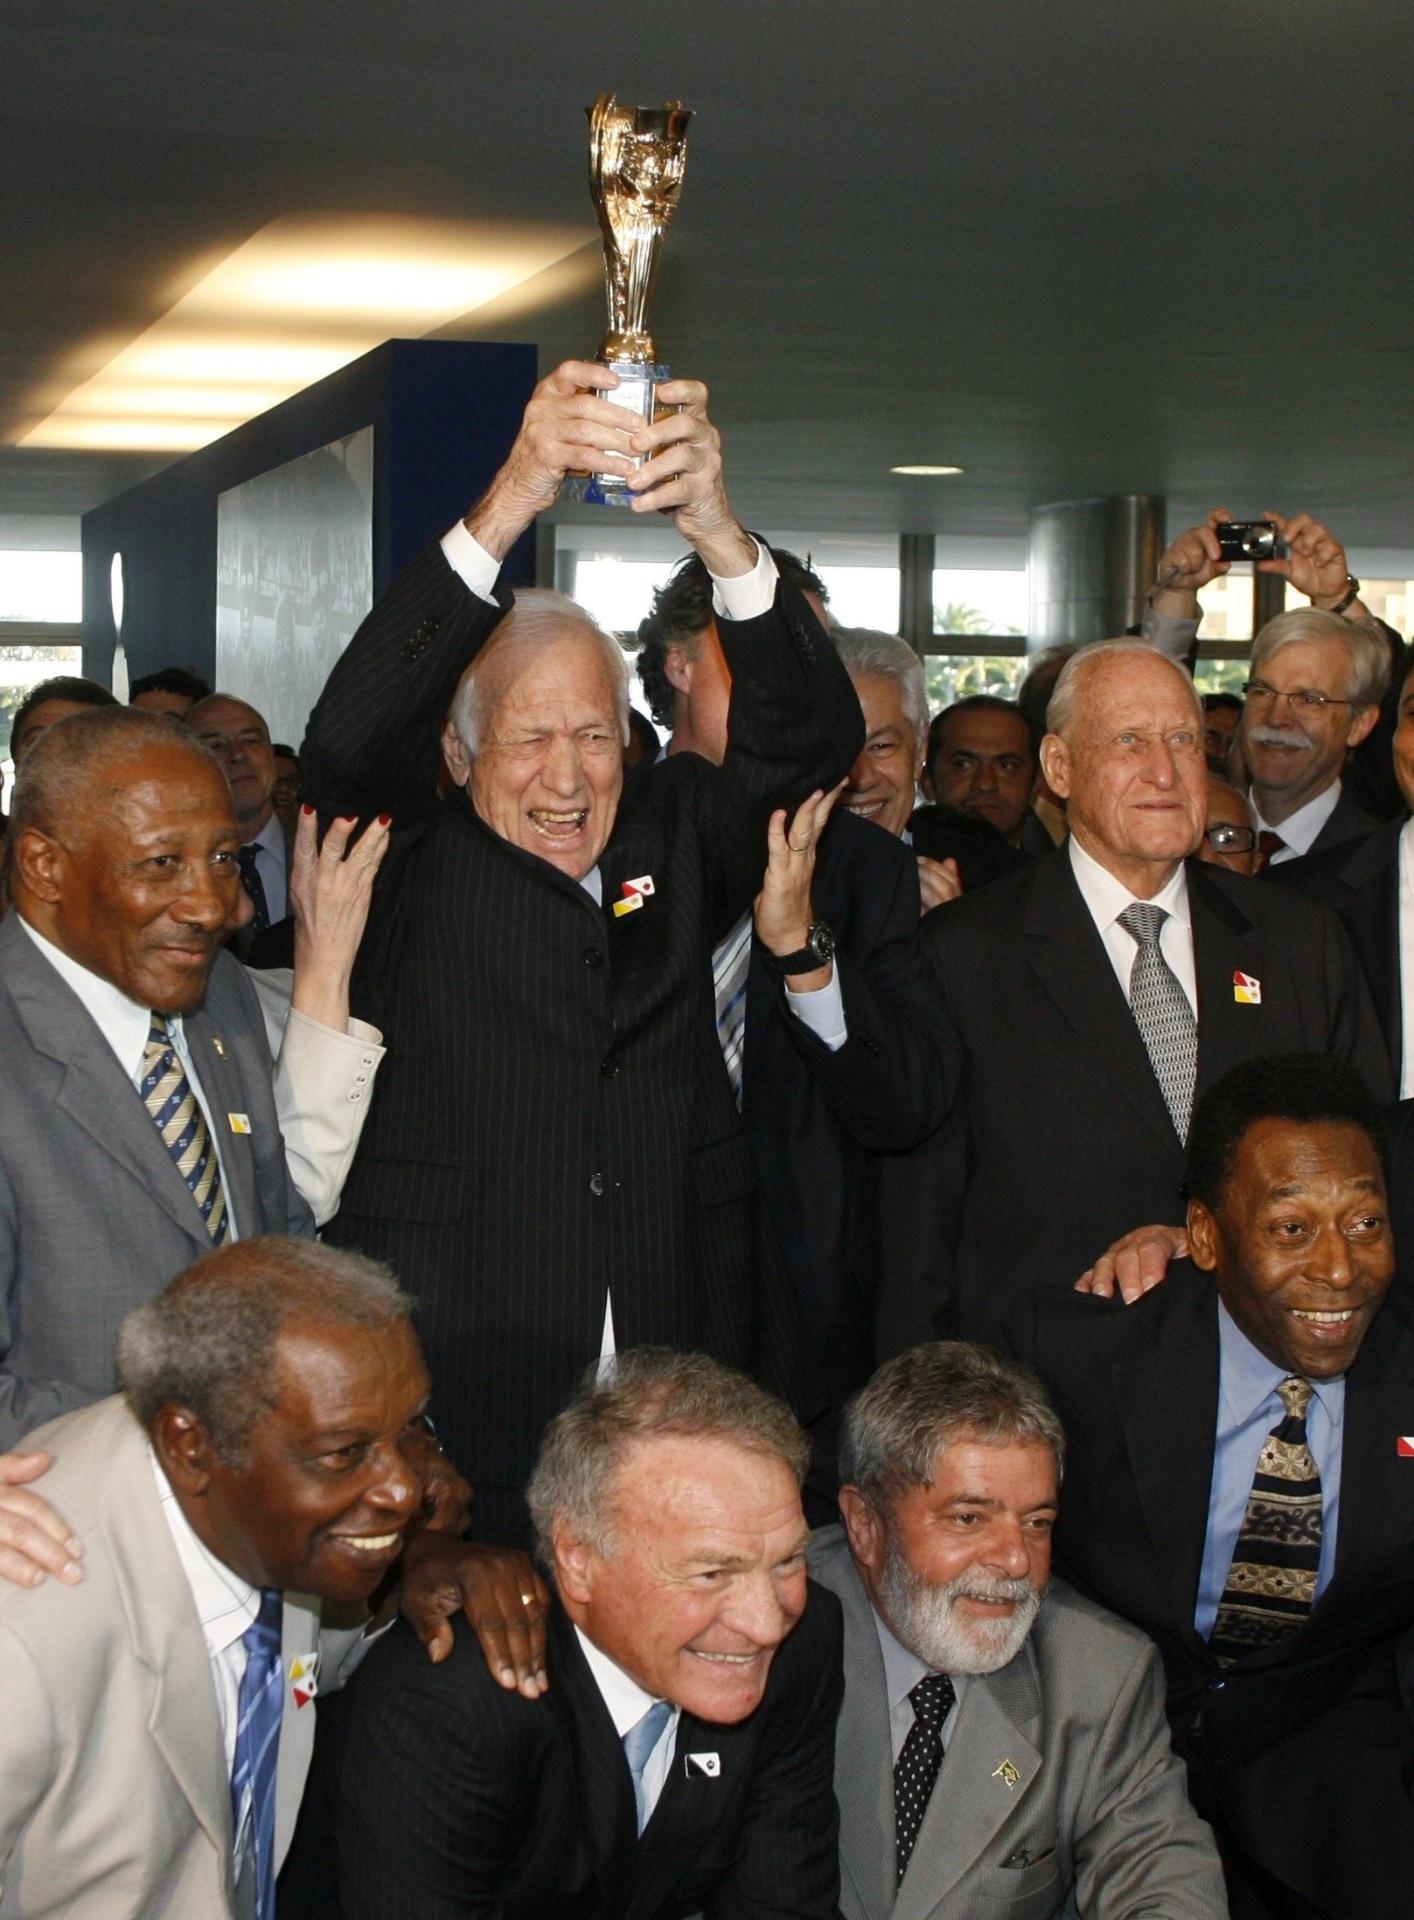 Bellini repete gesto da conquista da seleção na Copa de 1958. Evento em  2008 reuniu f948656eb16db